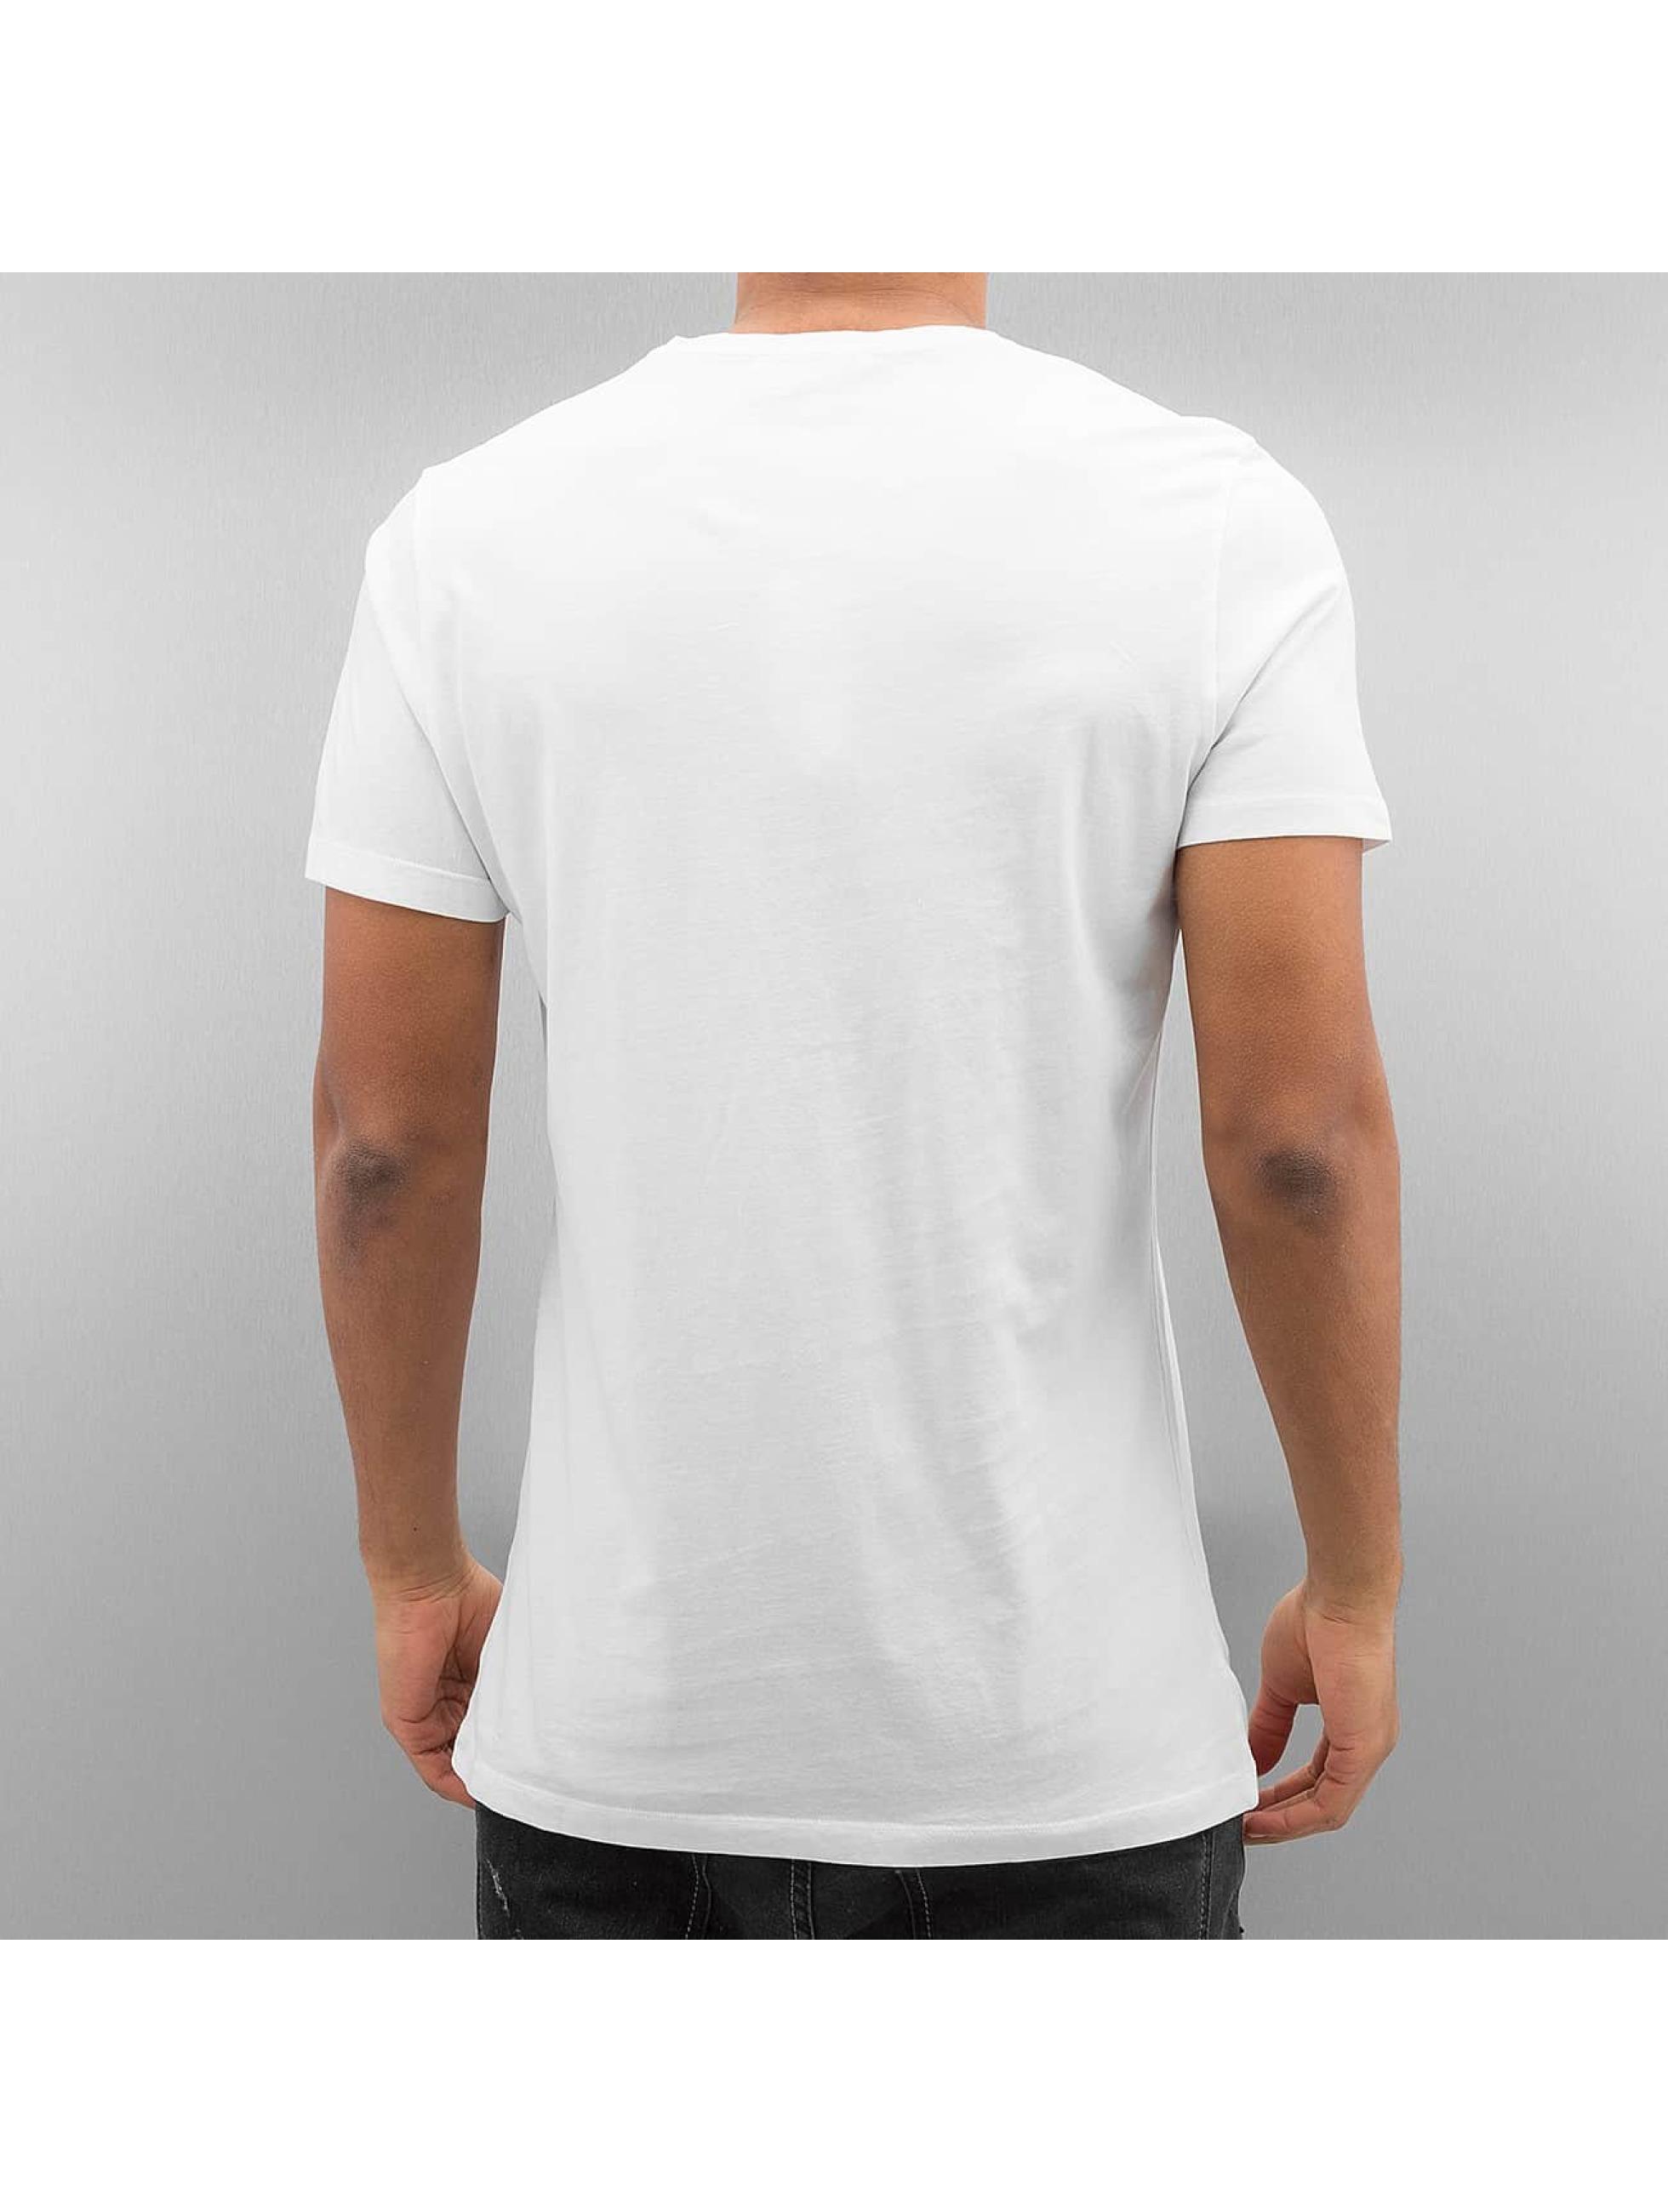 French Kick T-Shirt Popo Star white